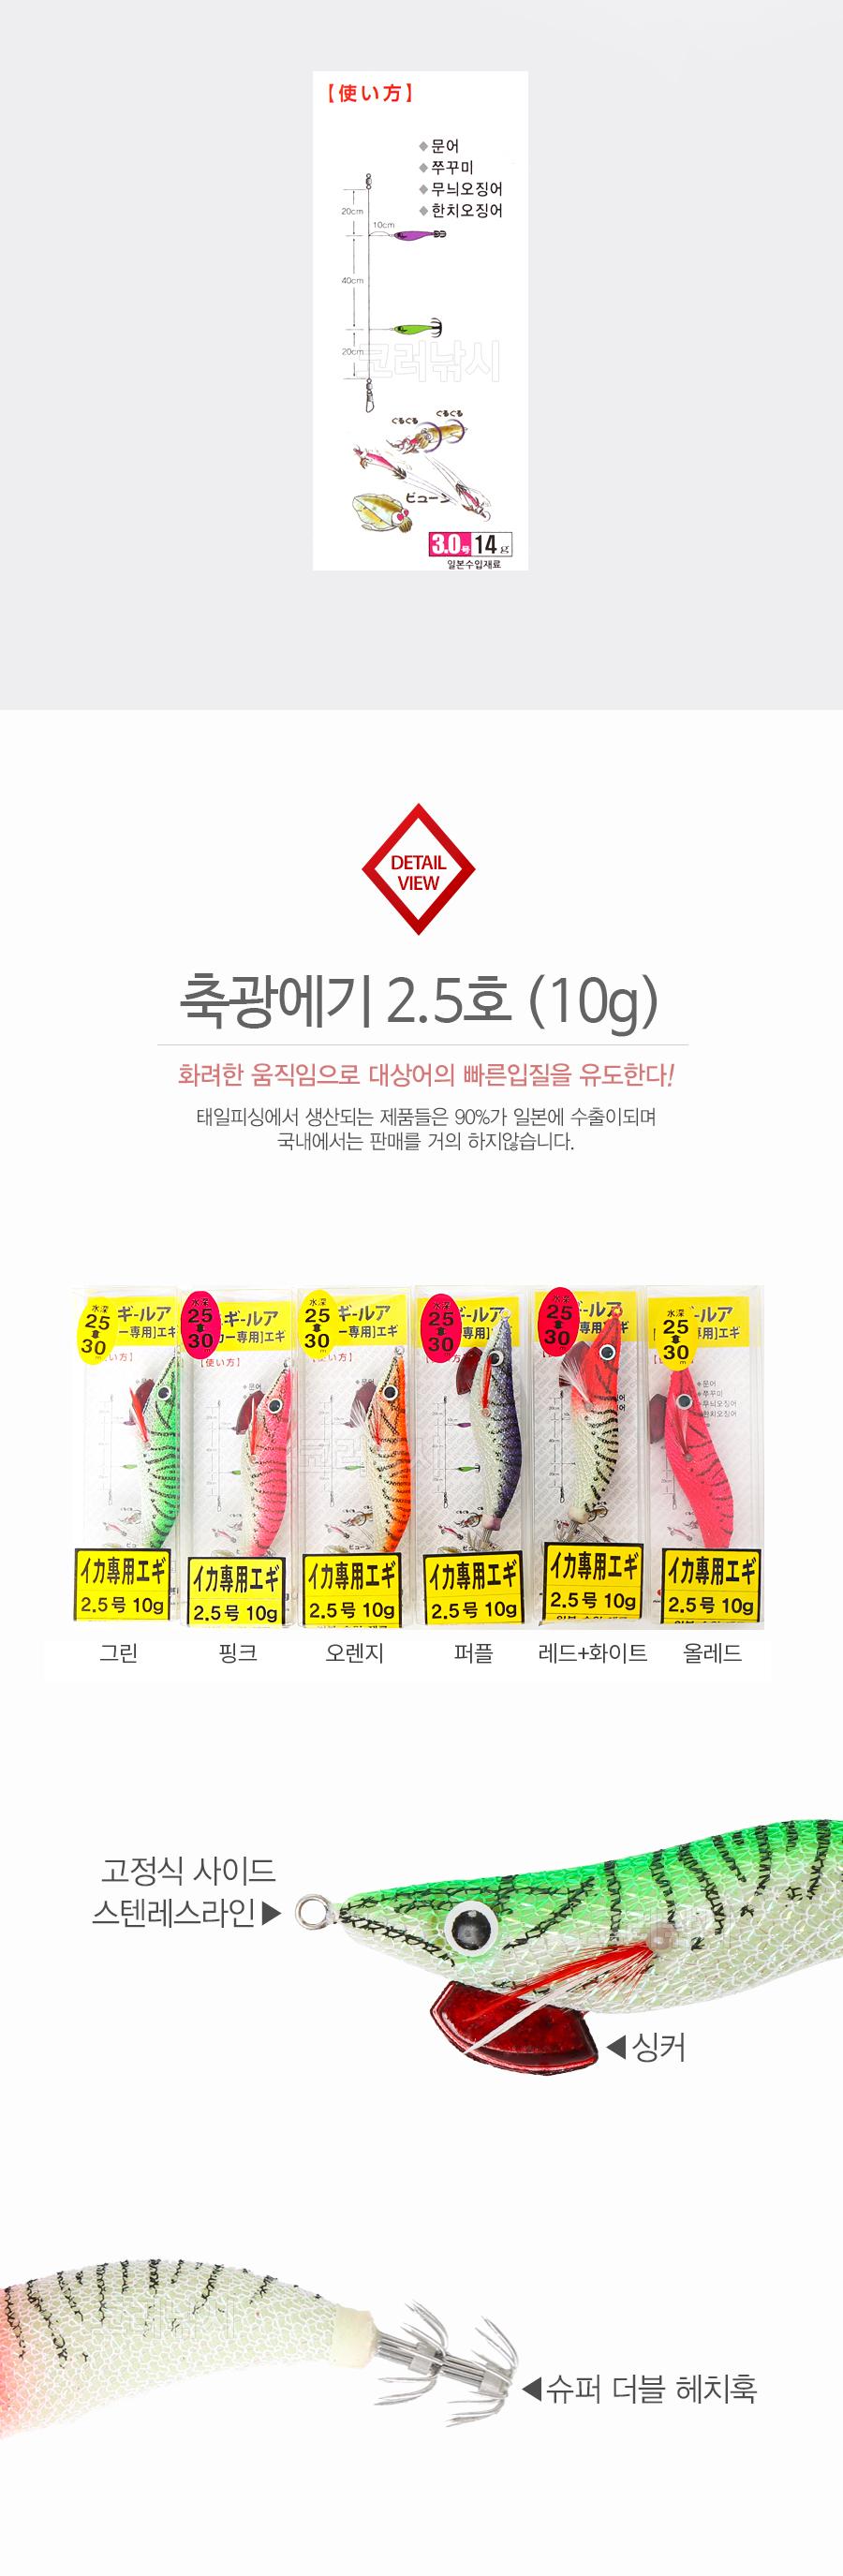 태일 축광에기 2.5호 (10g) (일본수출모델) 이카 무늬오징어 에깅 두족류 문어 한치 쭈꾸미 야광에기